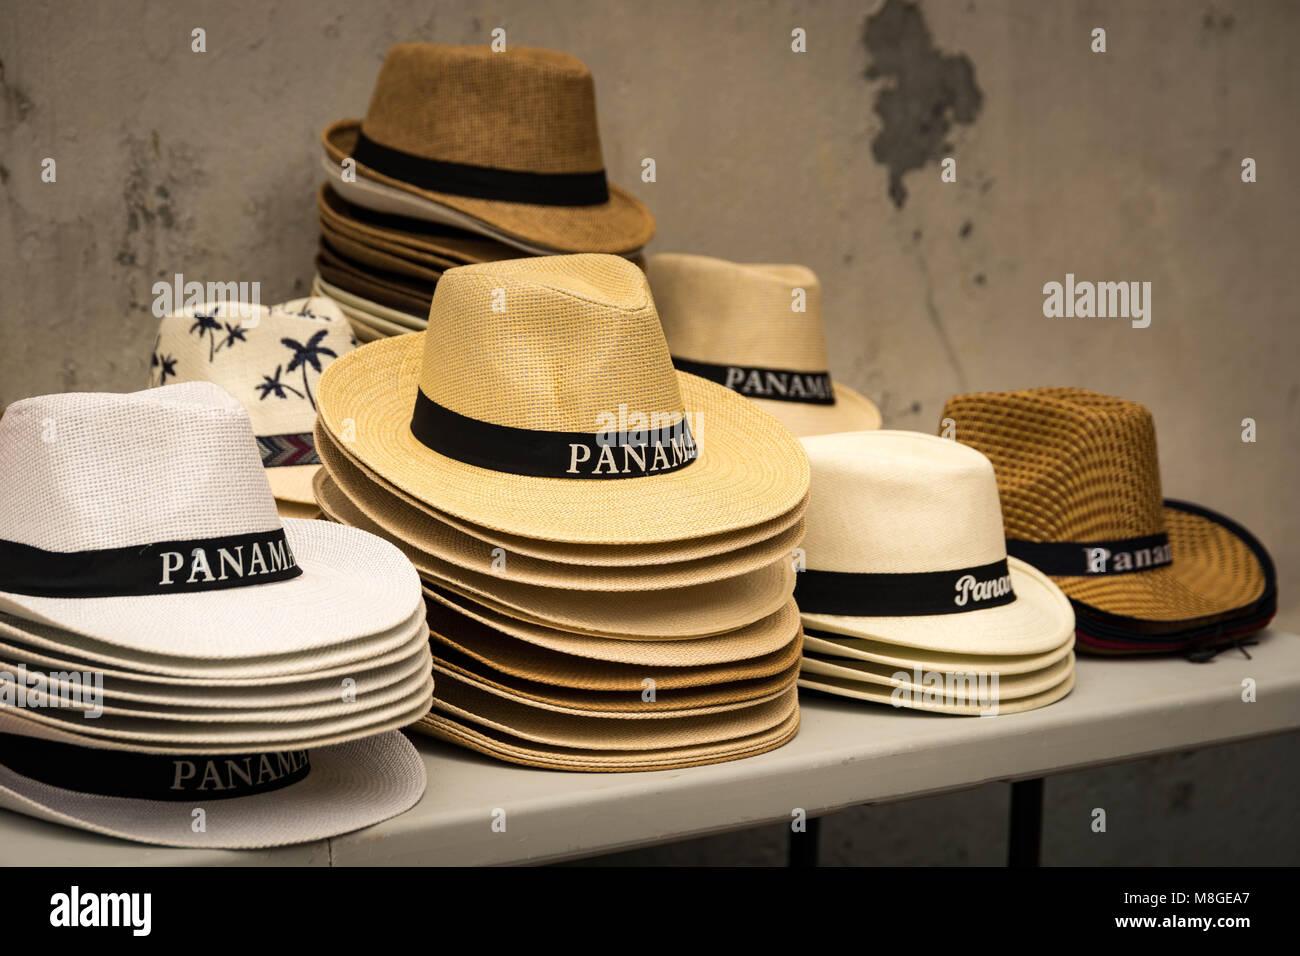 6540063cbab71 El ubicuo sombreros de Panamá para la venta a turistas en el Casco Viejo  Imagen De